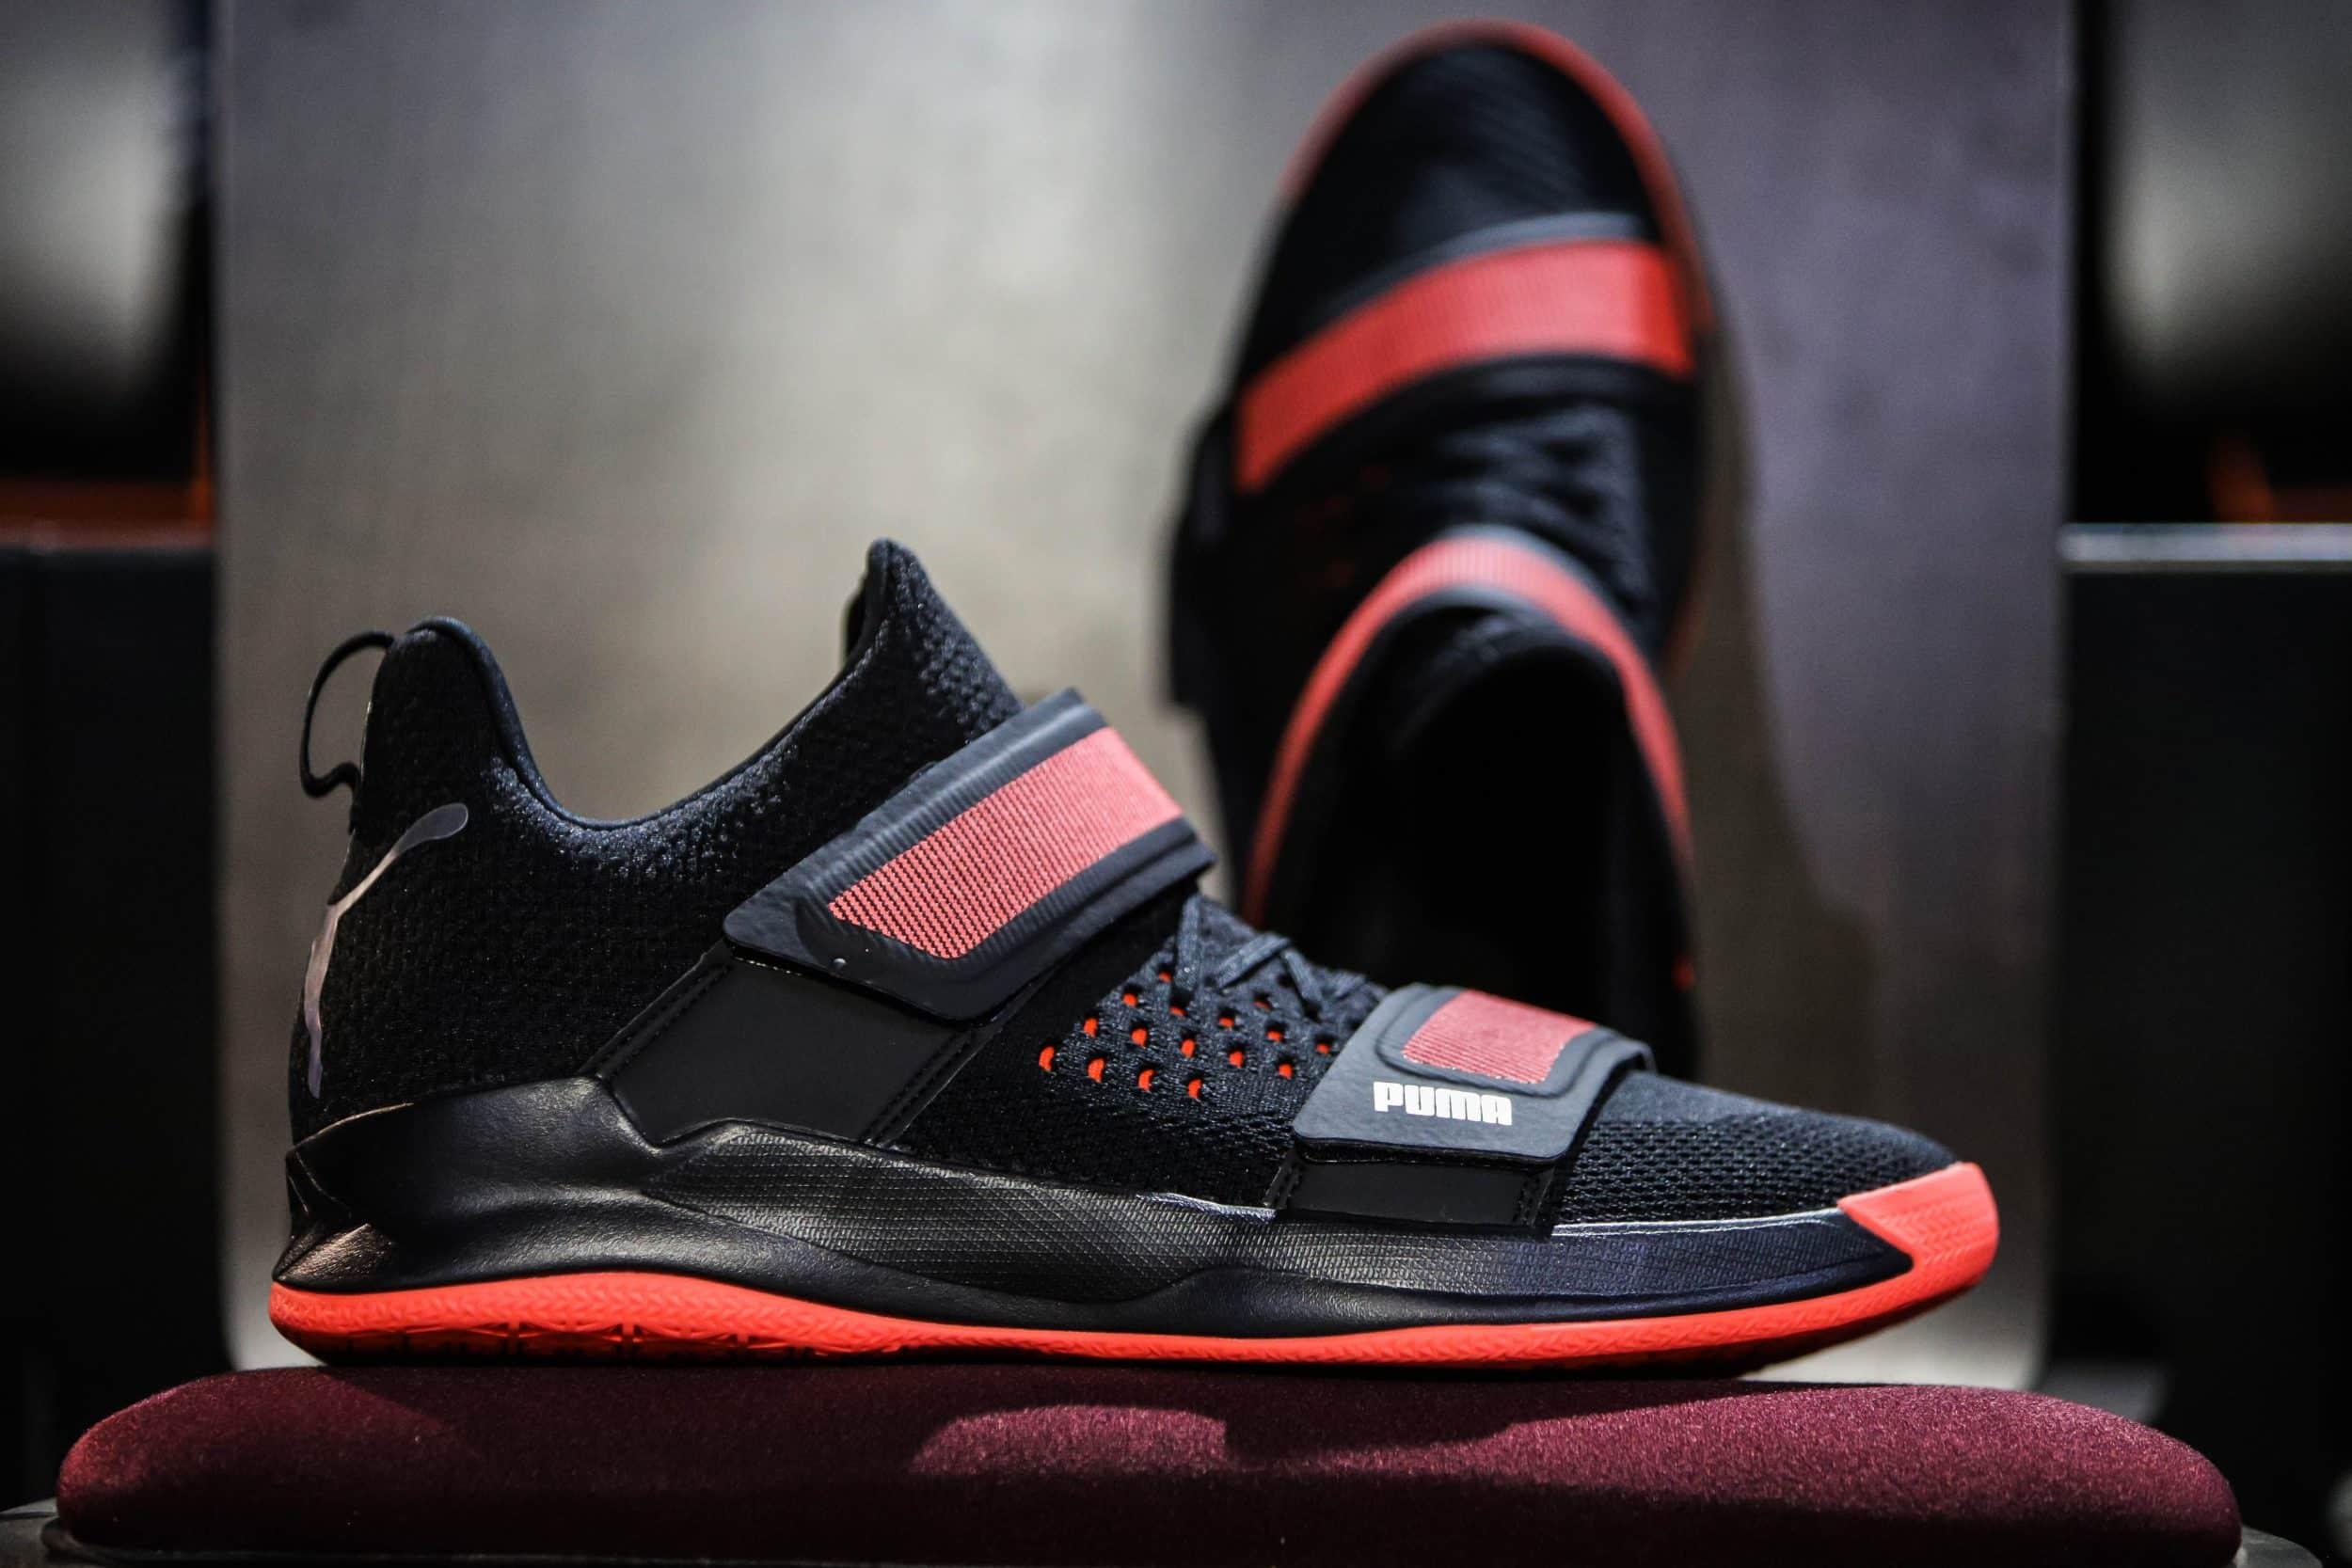 Test des Puma Rise XT3 Netfit. Chaussures de Hand Puma.